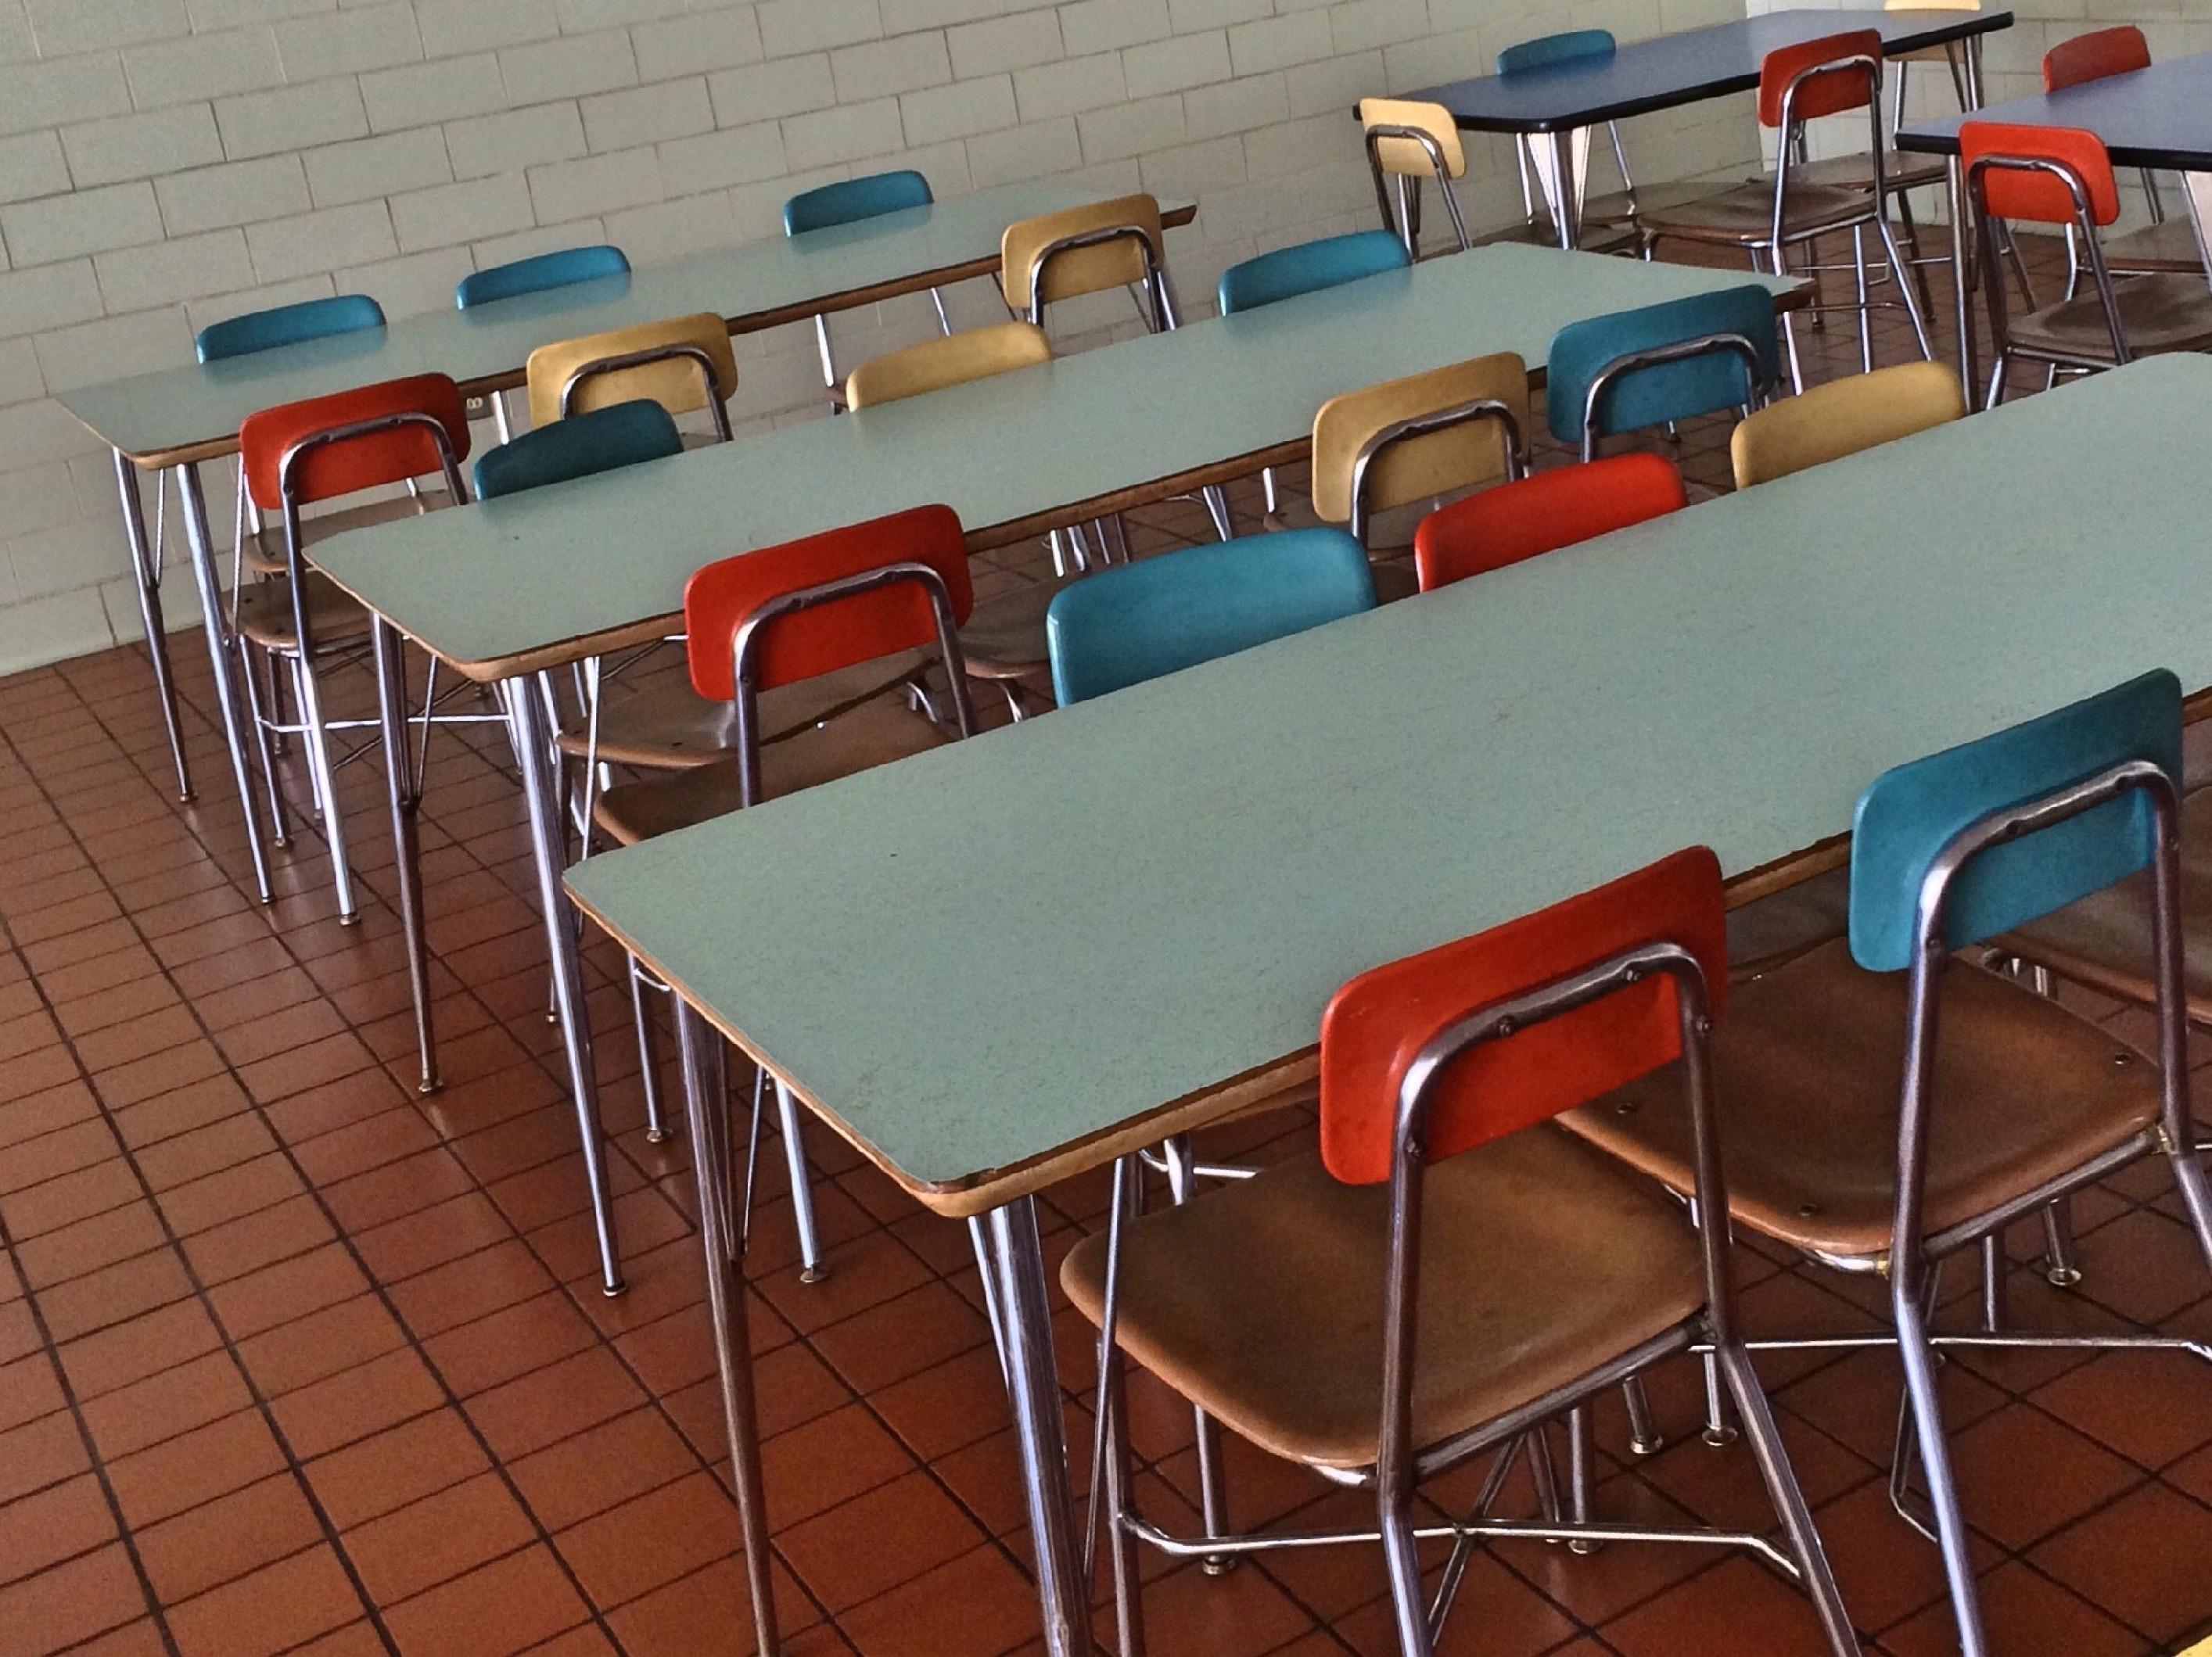 Immagini belle : tavolo bar ristorante pasto cibo alunno